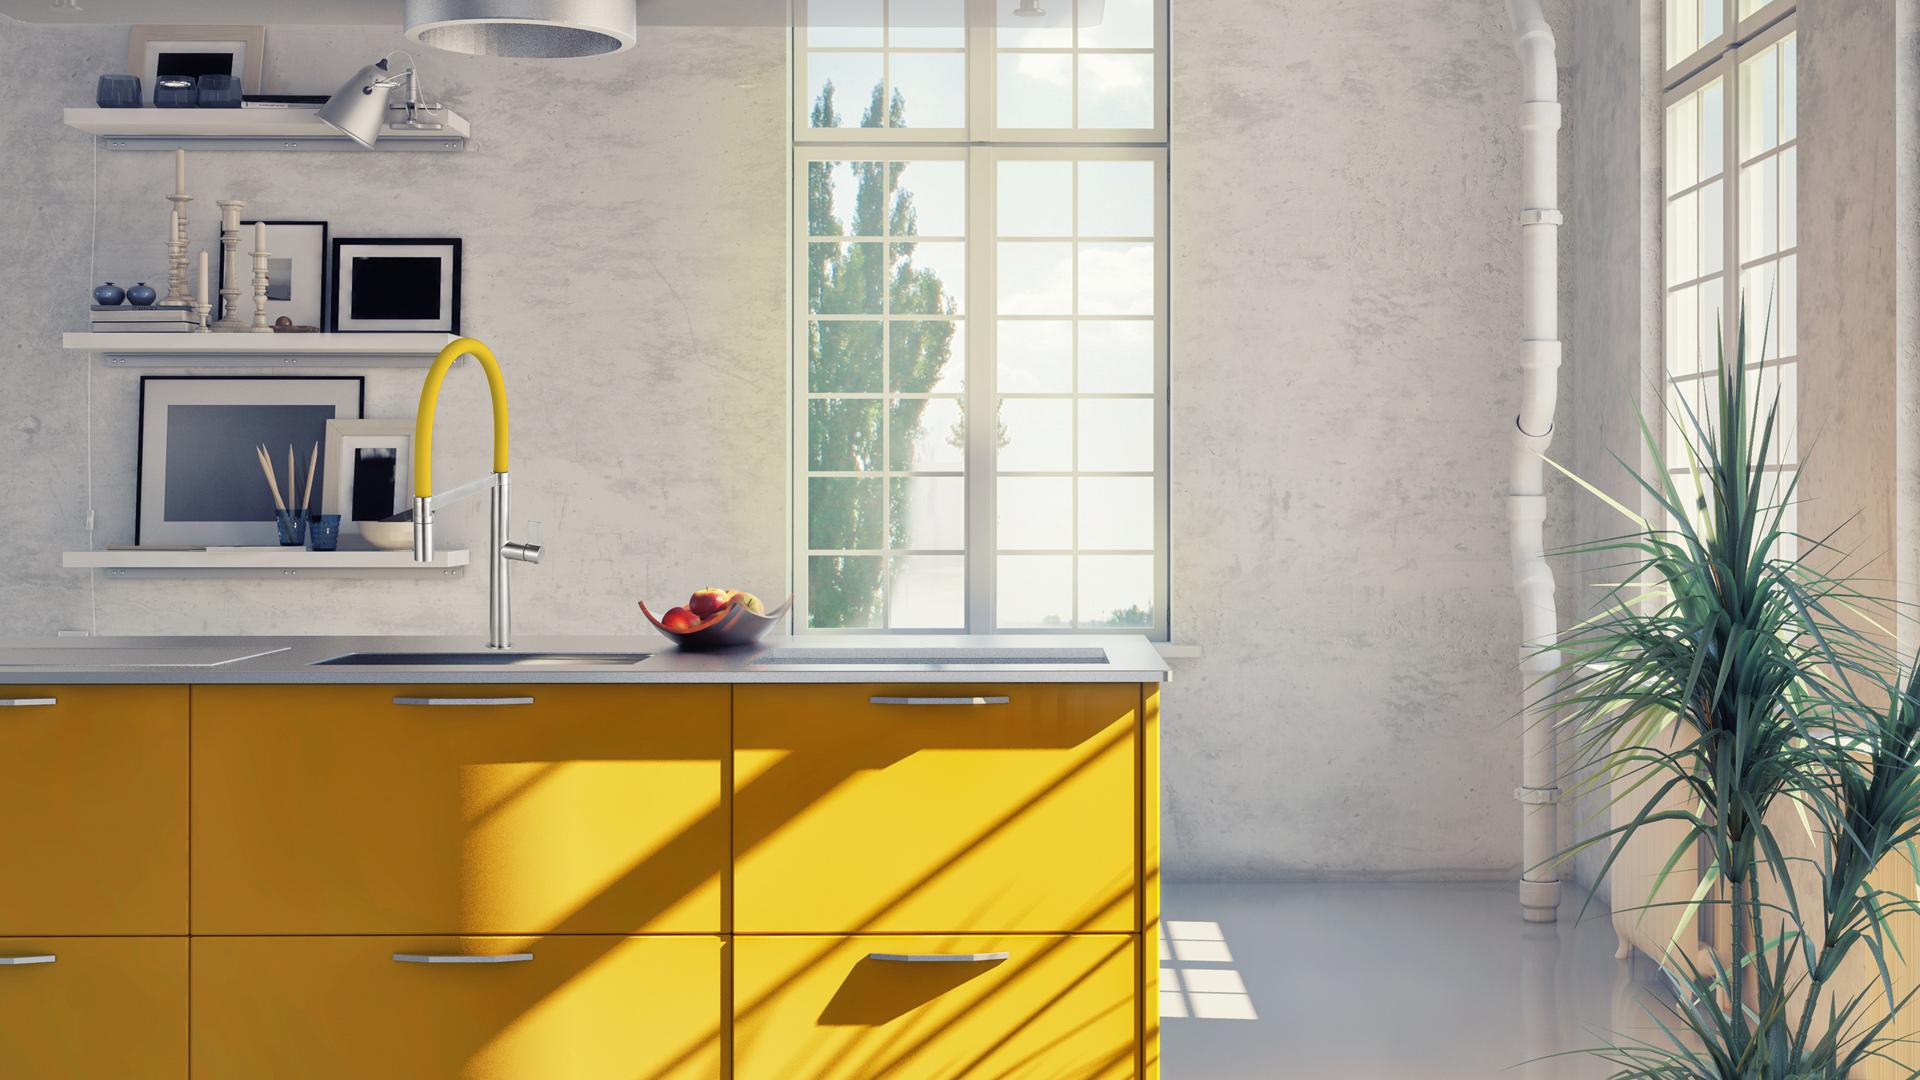 Design Keuken Kraan : Stijlvolle keukenkranen nieuws startpagina voor keuken ideeën